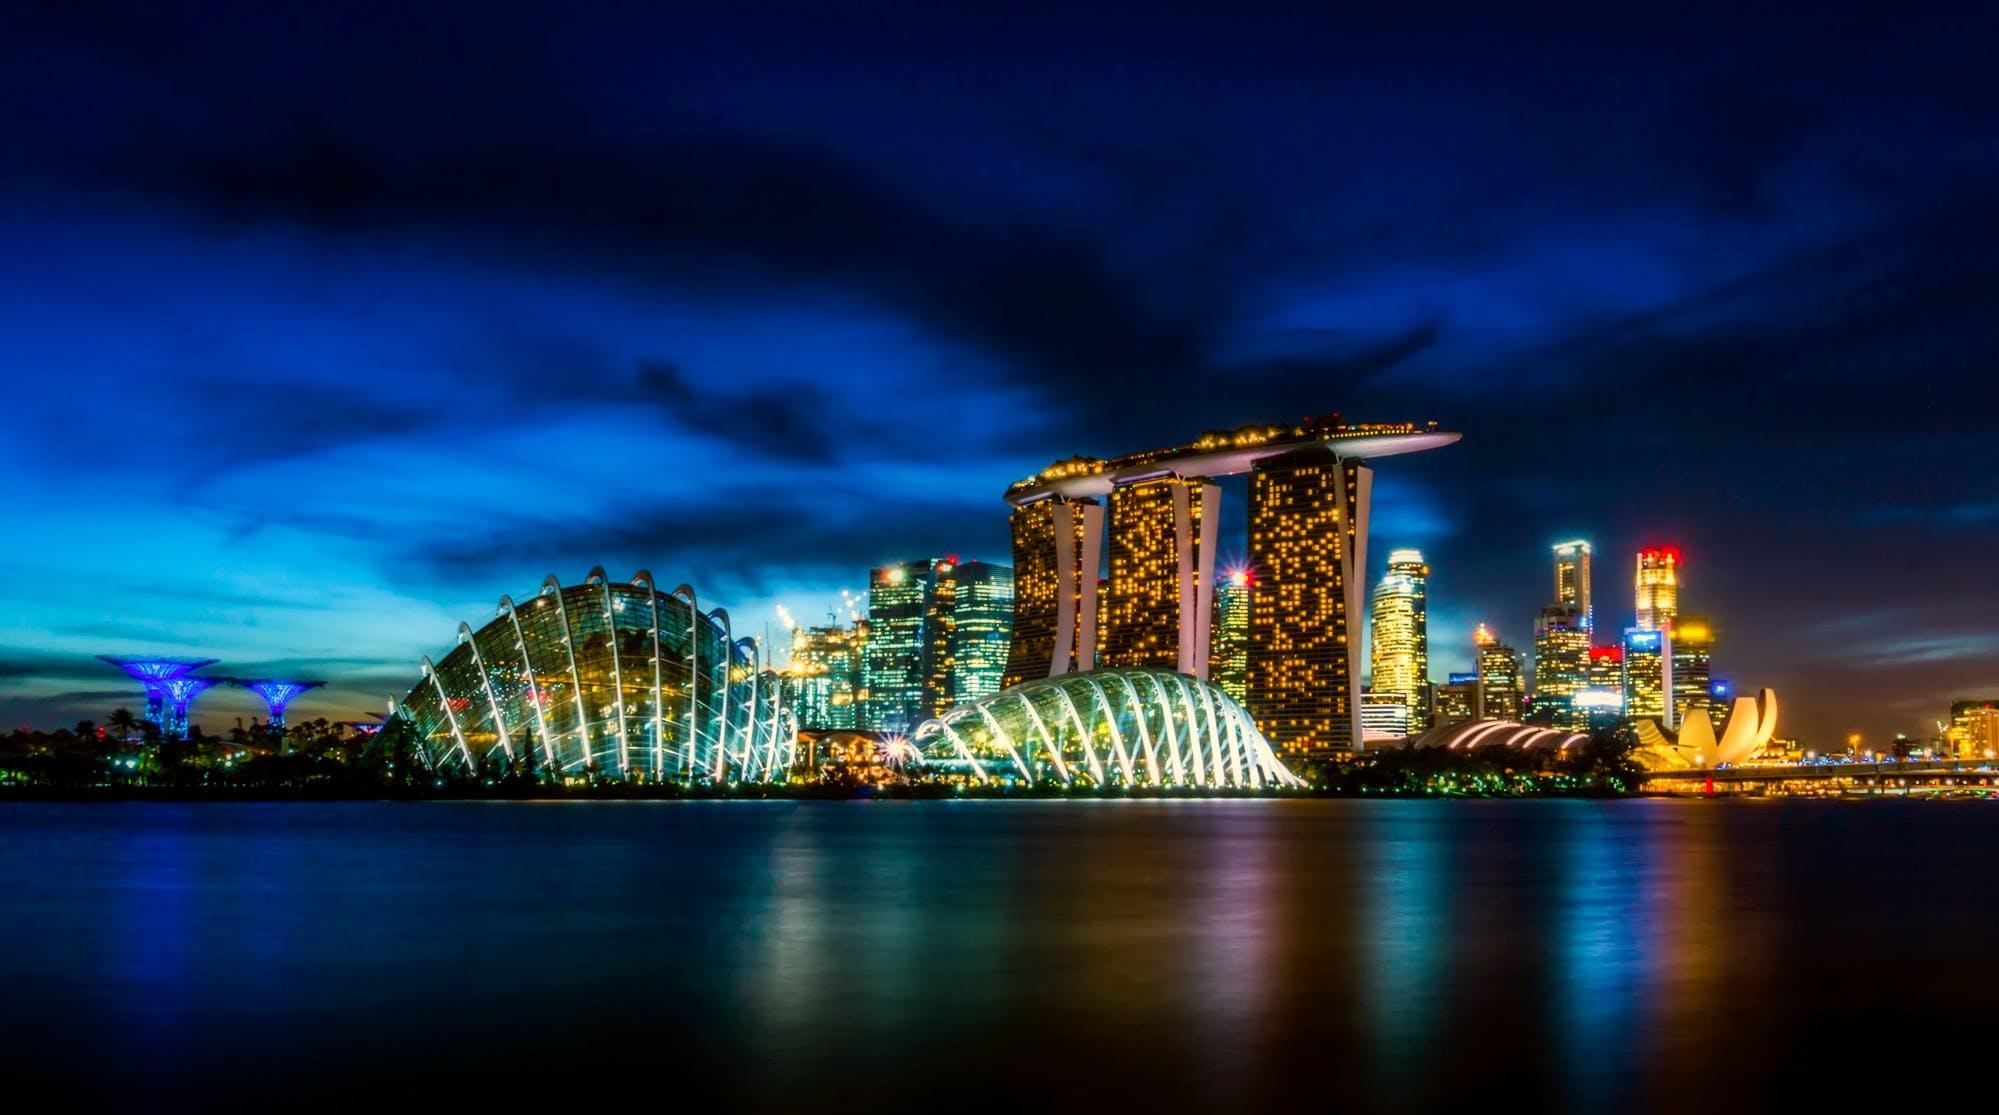 Kostenloses Stock Foto zu abend, architektur, asien, beleuchtet